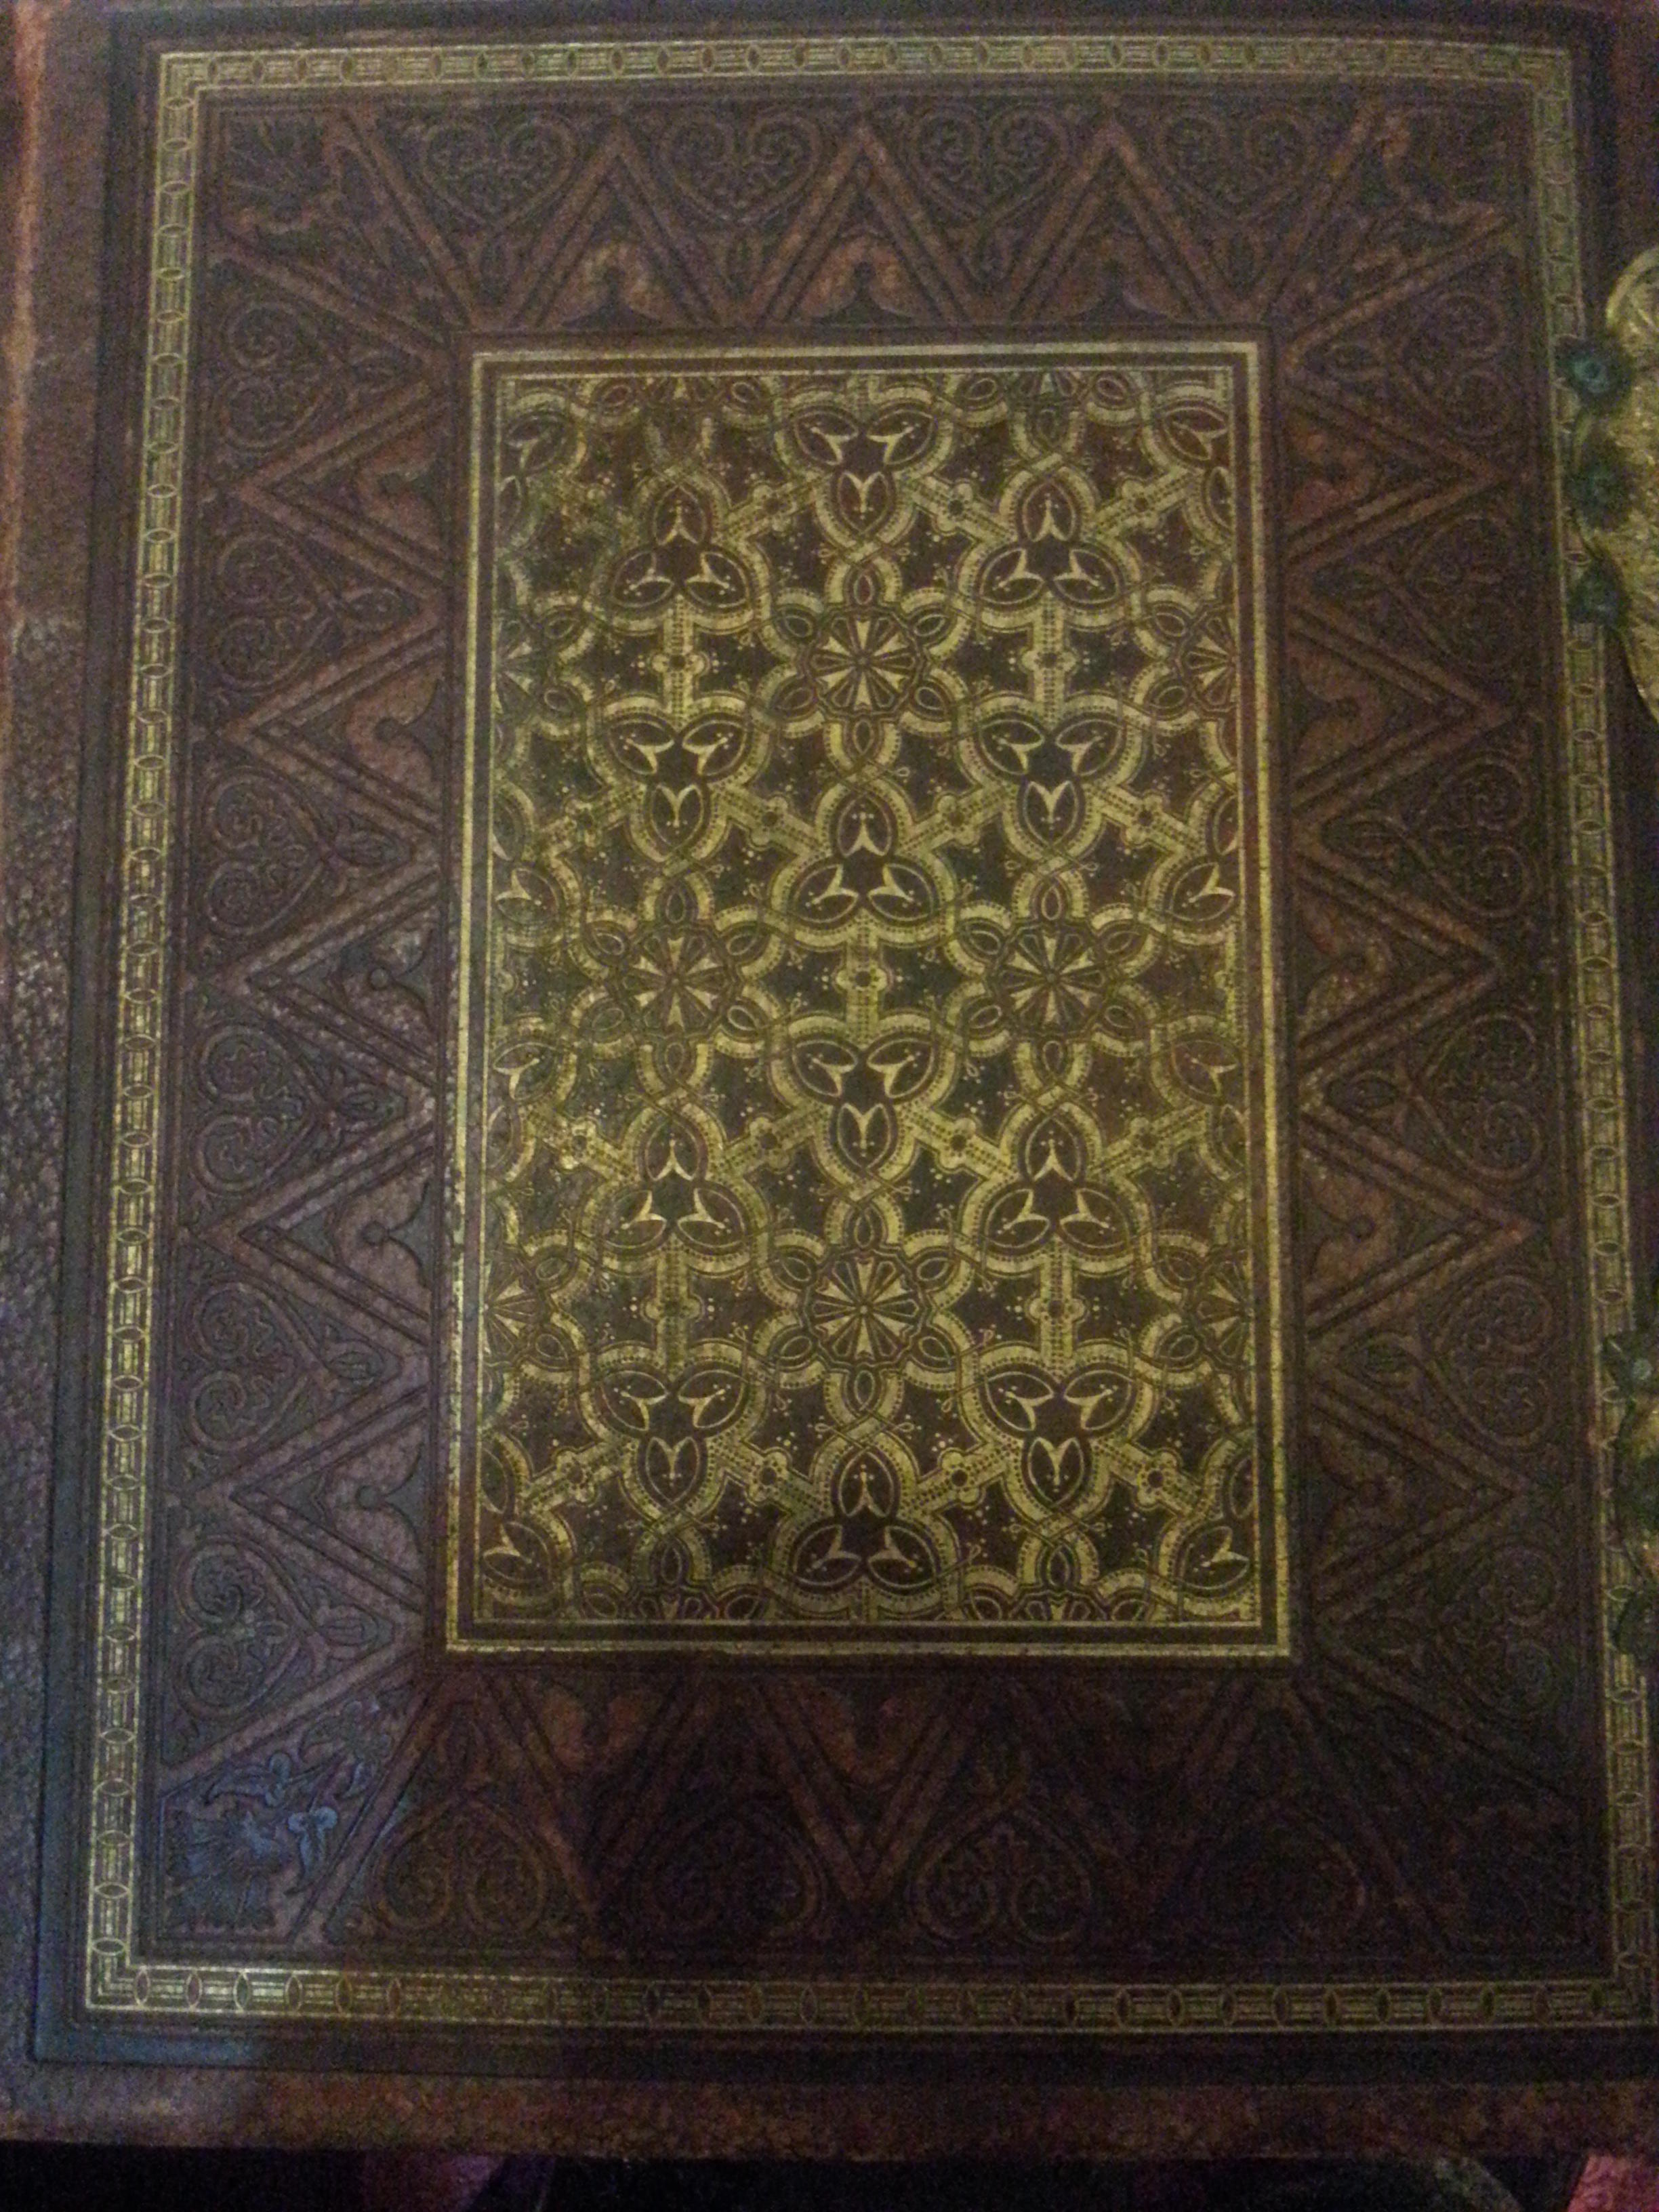 LARGE LEATHER BOUND ANTIQUE PULPIT BIBLE (. Collectors.